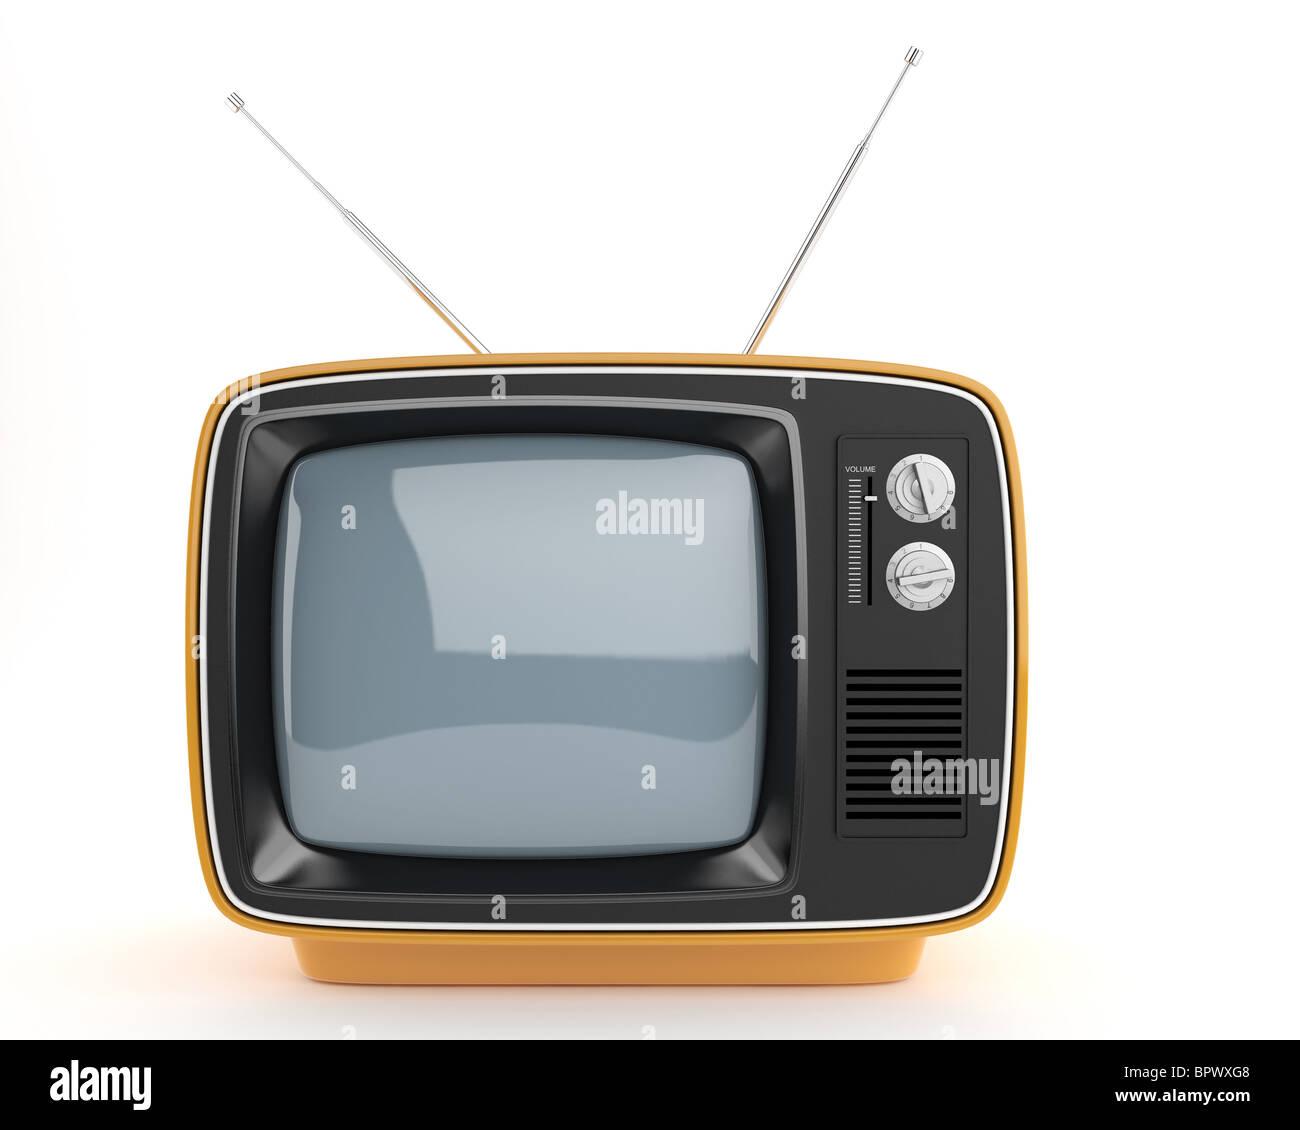 Vista frontal de una naranja syle retro TV, Esta imagen contiene un trazado de recorte para aislamiento exacta del Imagen De Stock